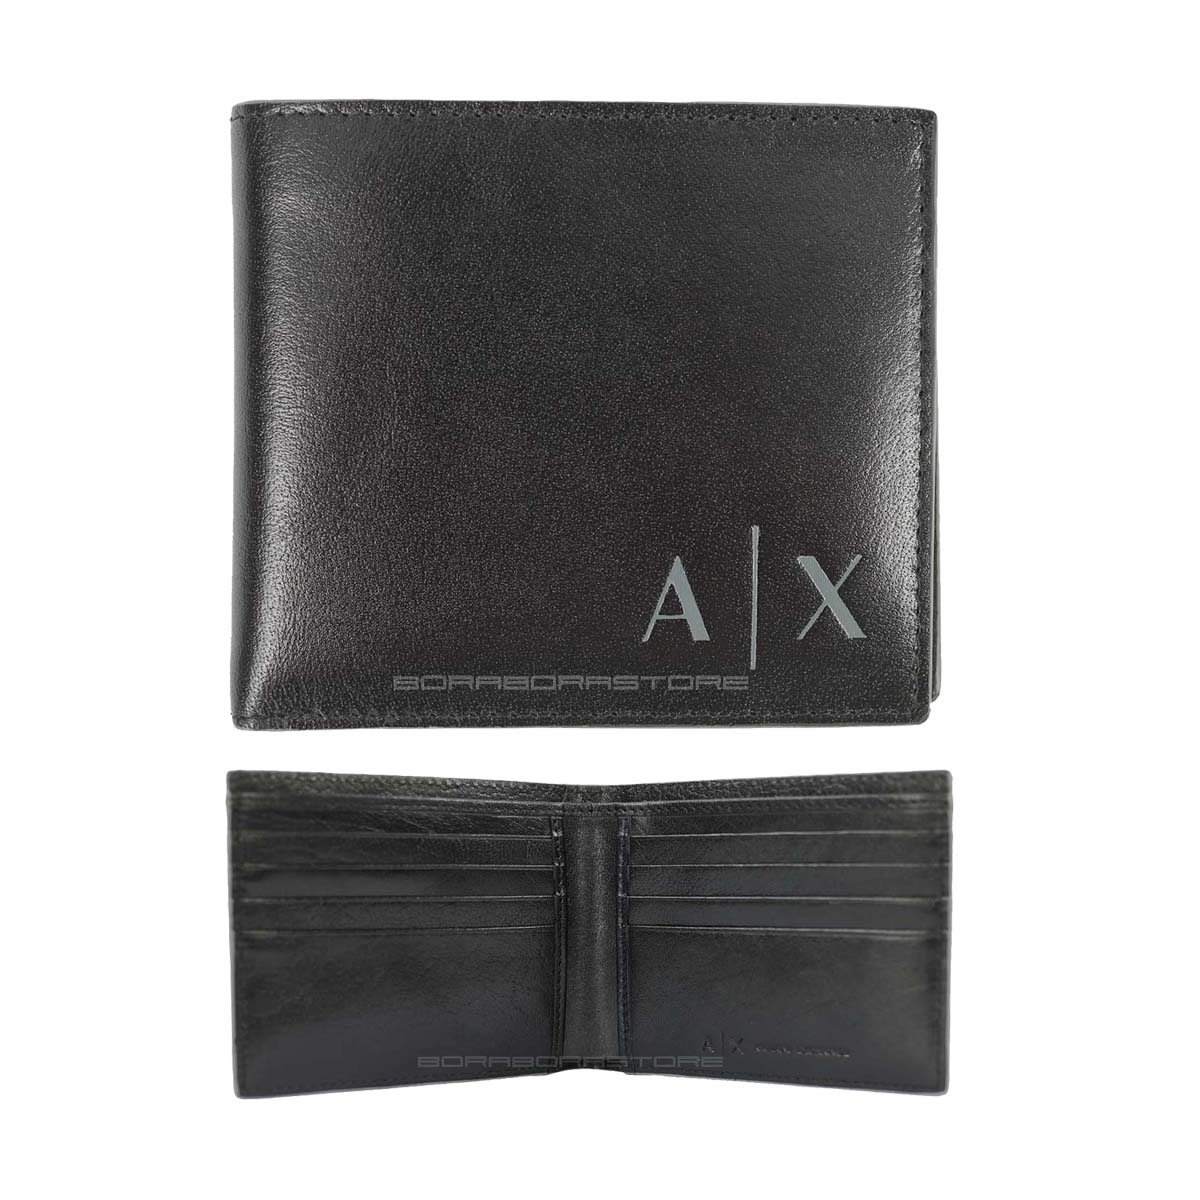 c291855070 Portafoglio Armani Exchange mod. 958097 nero con 8 porta cc in pelle ...